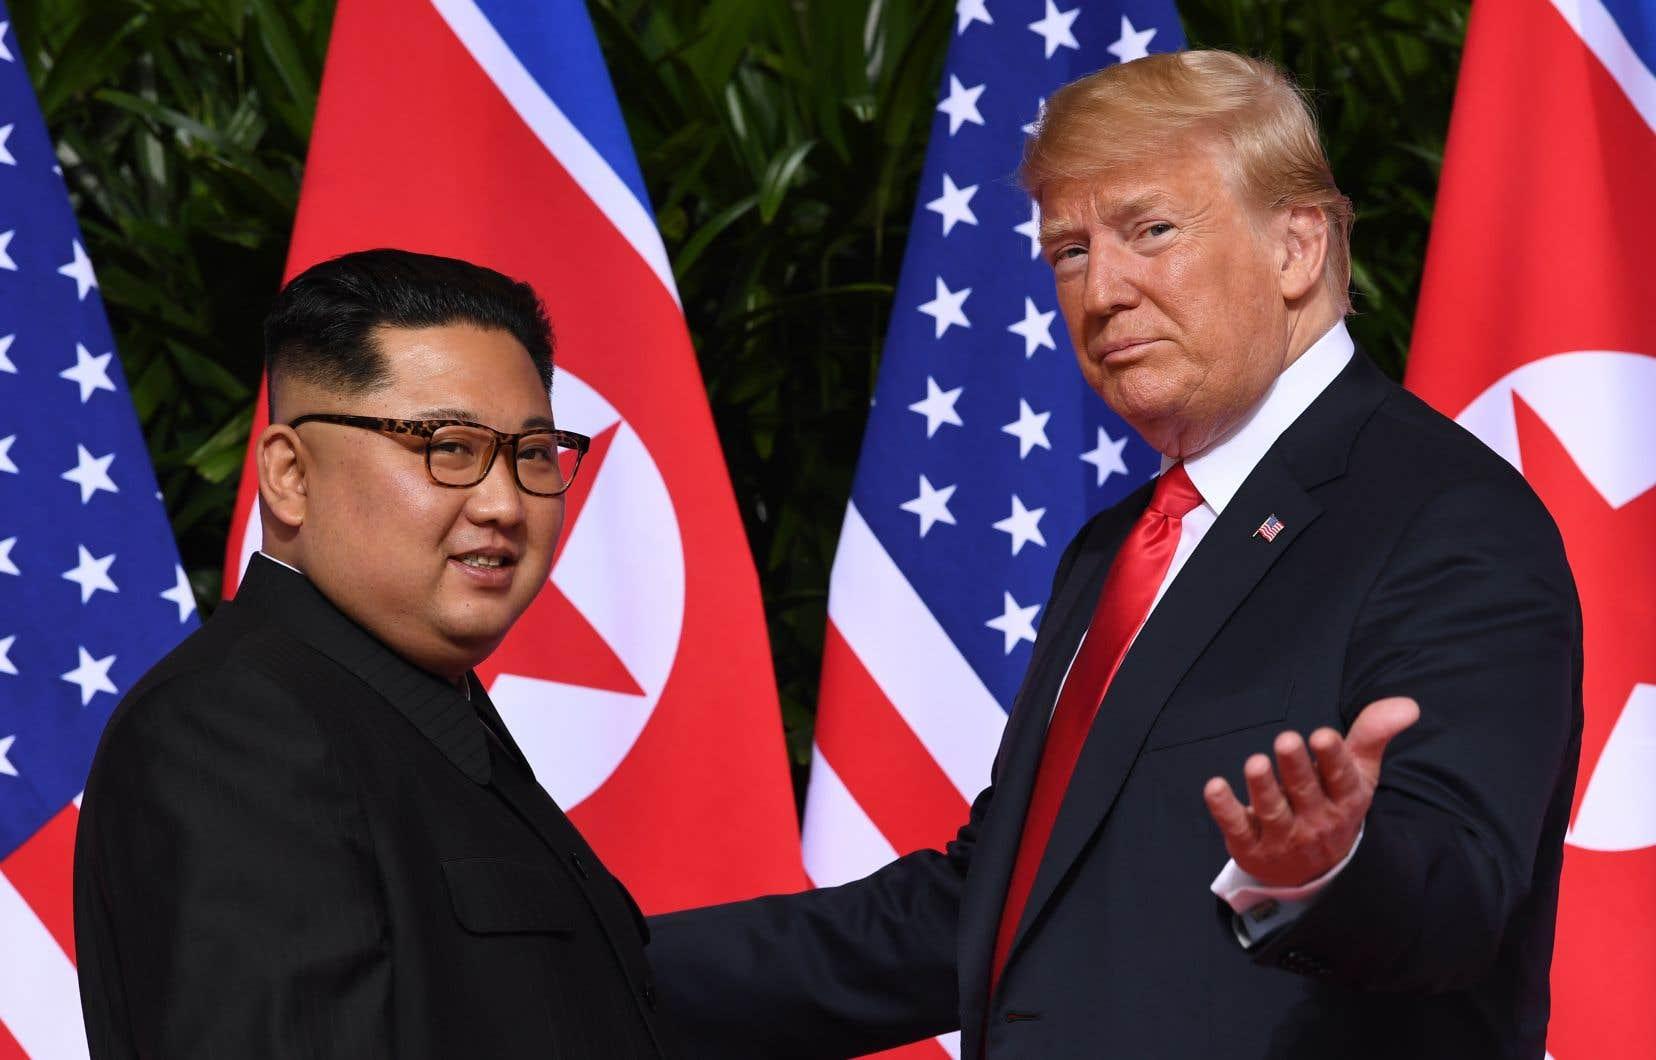 Lors de leur sommet de Singapour en juin dernier, le président américain, Donald Trump, et son homologue nord-coréen, Kim Jong-un, avaient évoqué la dénucléarisation de la Corée du Nord.